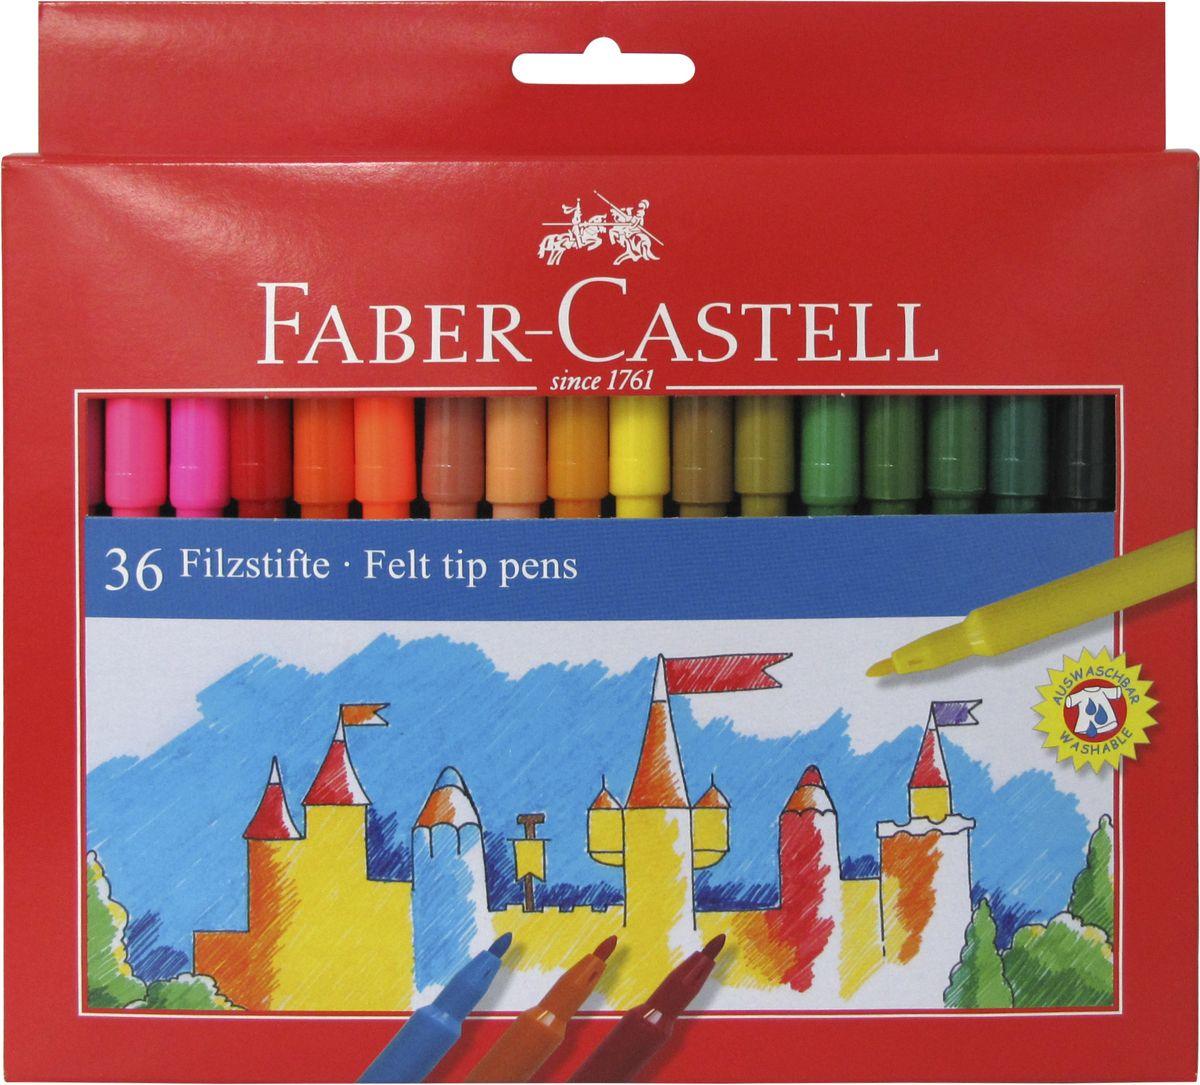 Faber-Castell Фломастеры 36 цветов554236Фломастеры Faber-Castell помогут маленькому художнику раскрыть свой творческий потенциал, рисовать ираскрашивать яркие картинки, развивая воображение, мелкую моторику и цветовосприятие.В наборе 36 разноцветных фломастеров. Корпусы выполнены из пластика. Чернила на водной основе окрашены сиспользованием пищевых красителей, благодаря чему они полностью безопасны для ребенка и имеют яркие,насыщенные цвета. Если маленький художник запачкался - не беда, ведь фломастеры отстирываются с большинстватканей. Вентилируемый колпачок надолго сохранит яркость цветов.